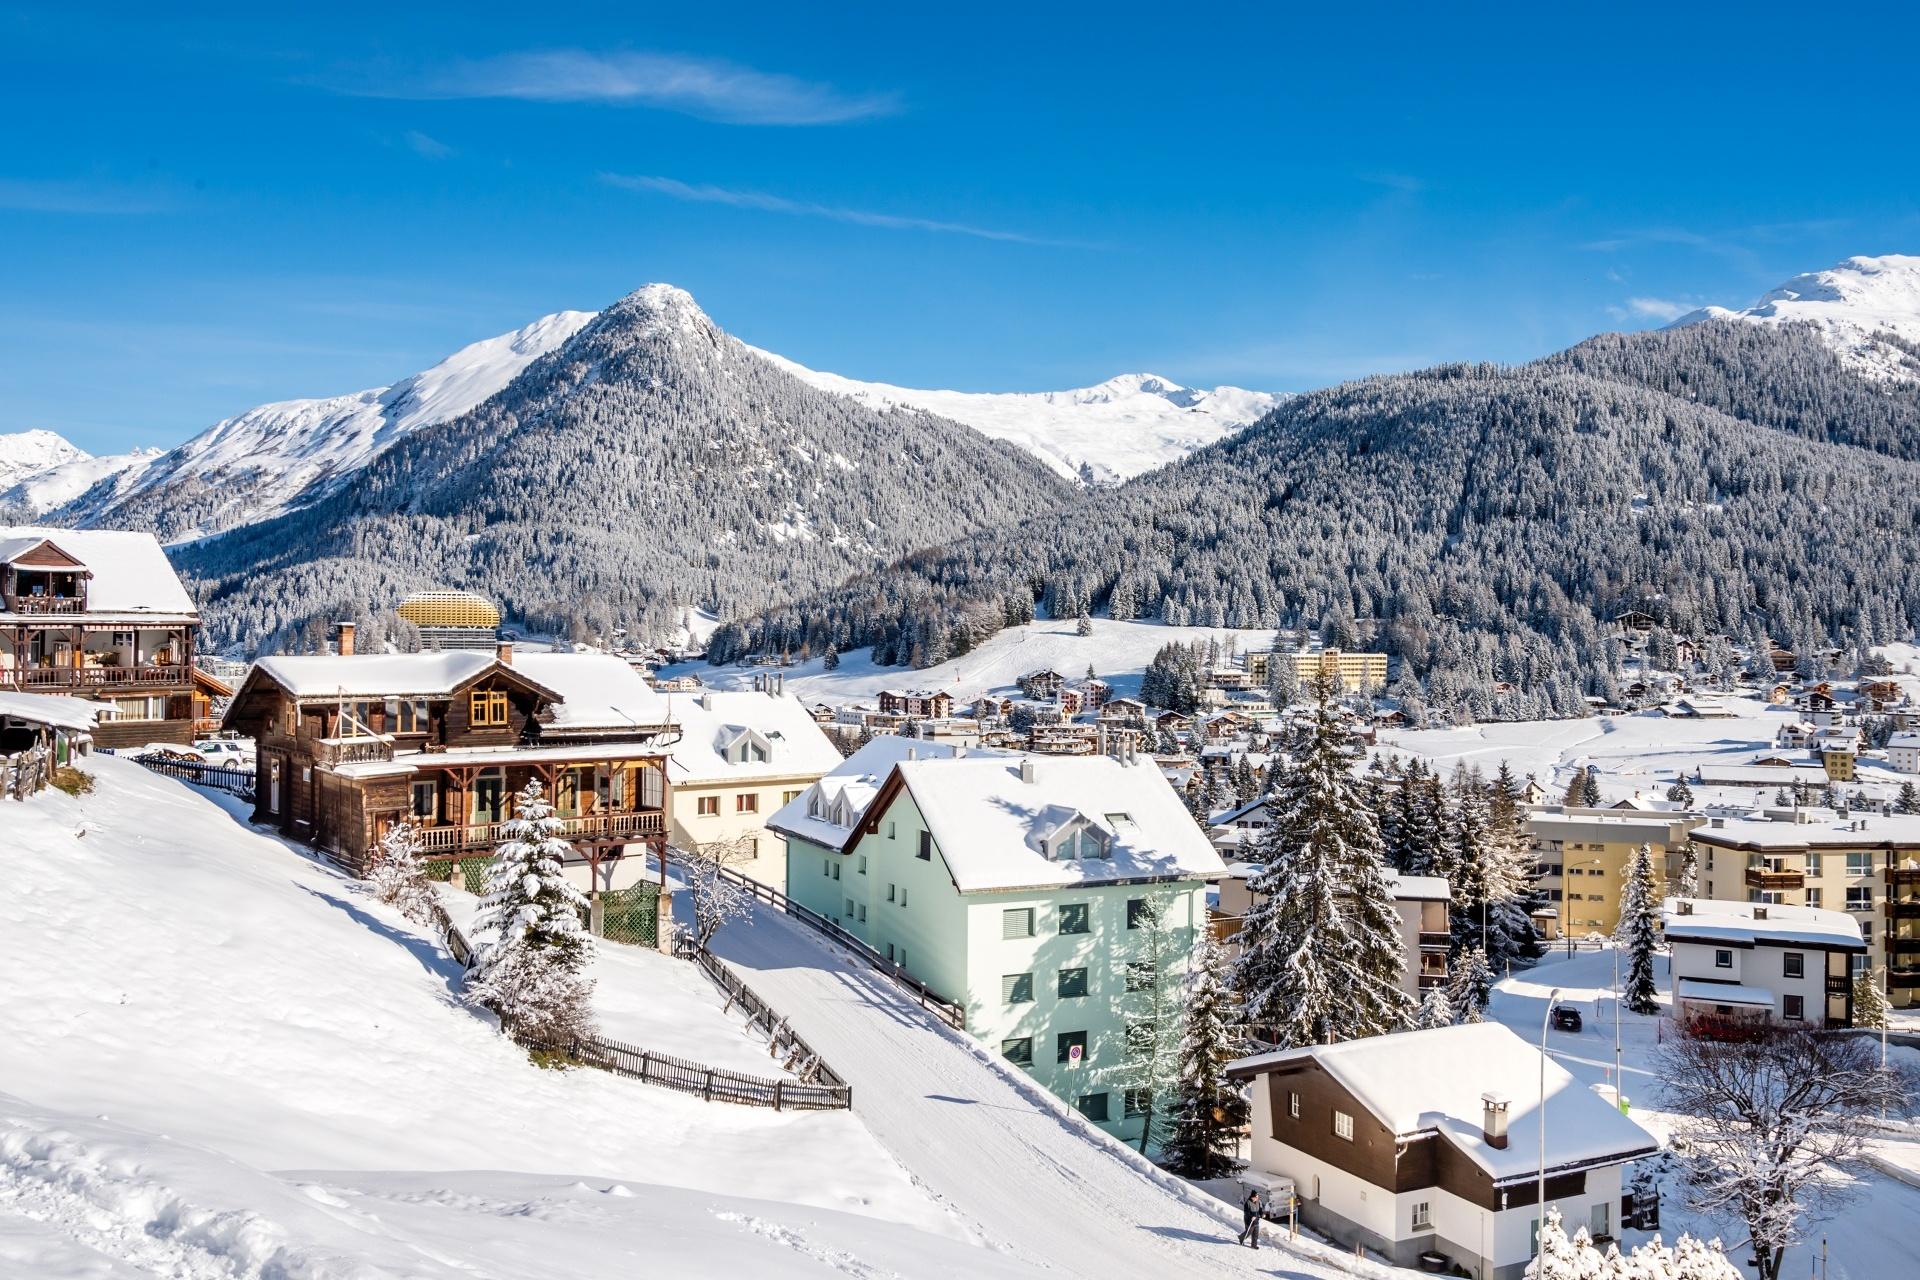 冬のダボスの風景 スイスの風景